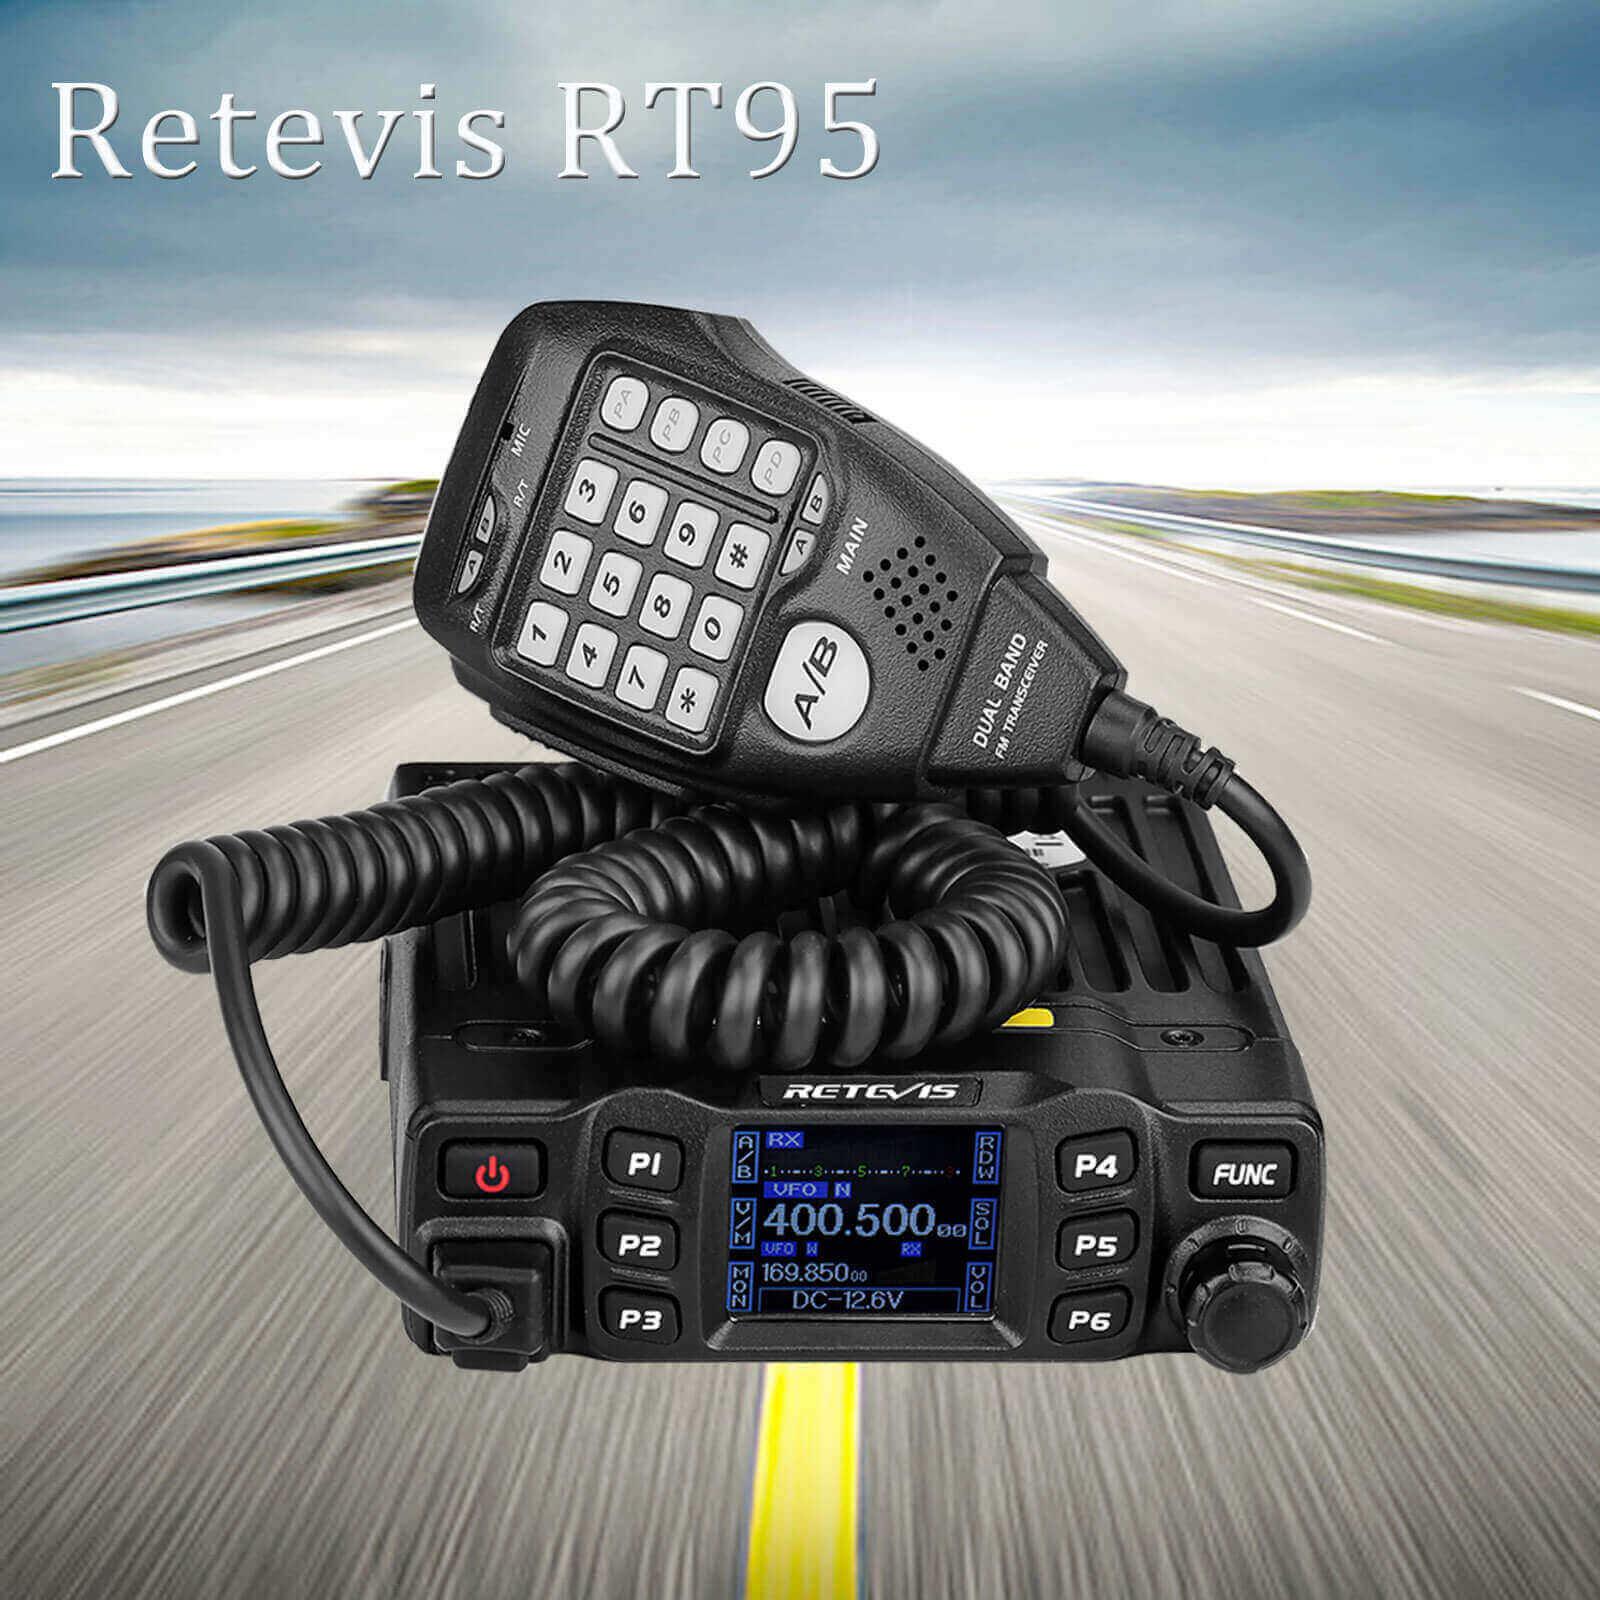 Retevis RT95